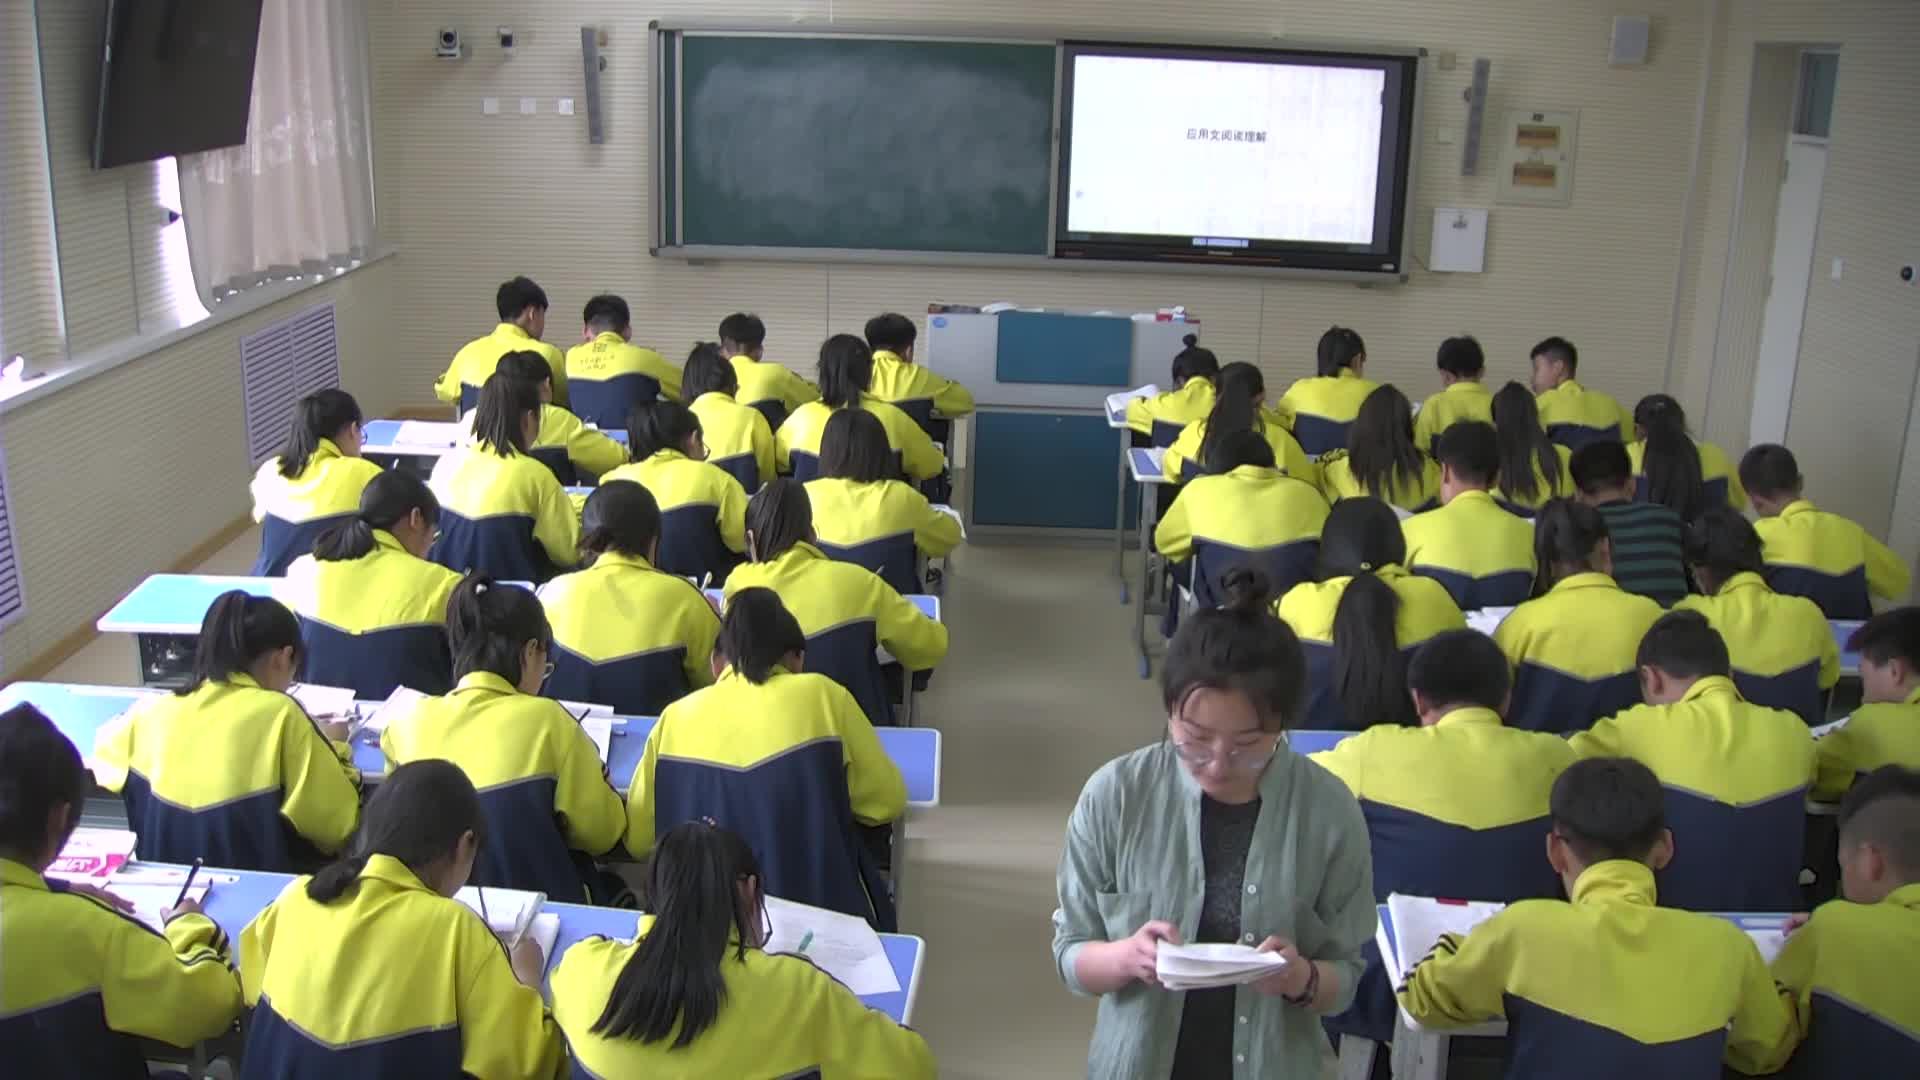 冀教版 九年級英語復習課應用文閱讀理解-視頻公開課